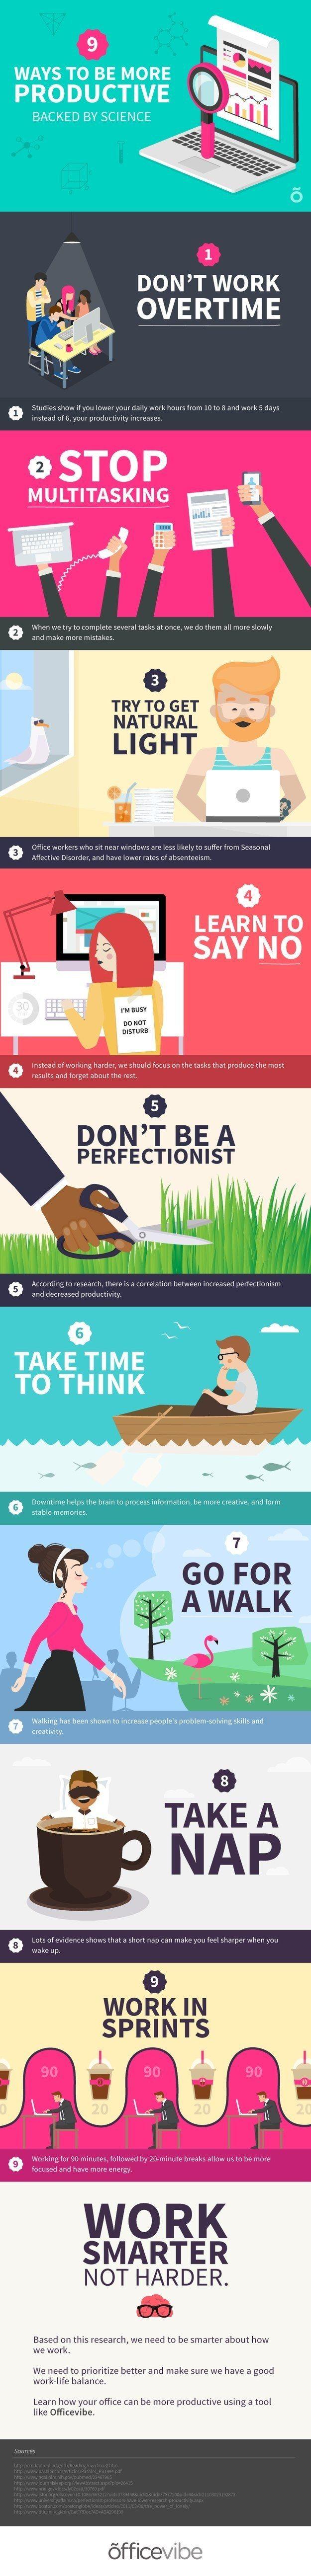 Stop à la glorification permanente de la performance H24! Voici 9 façons d'améliorer sa productivité tout simplement :)